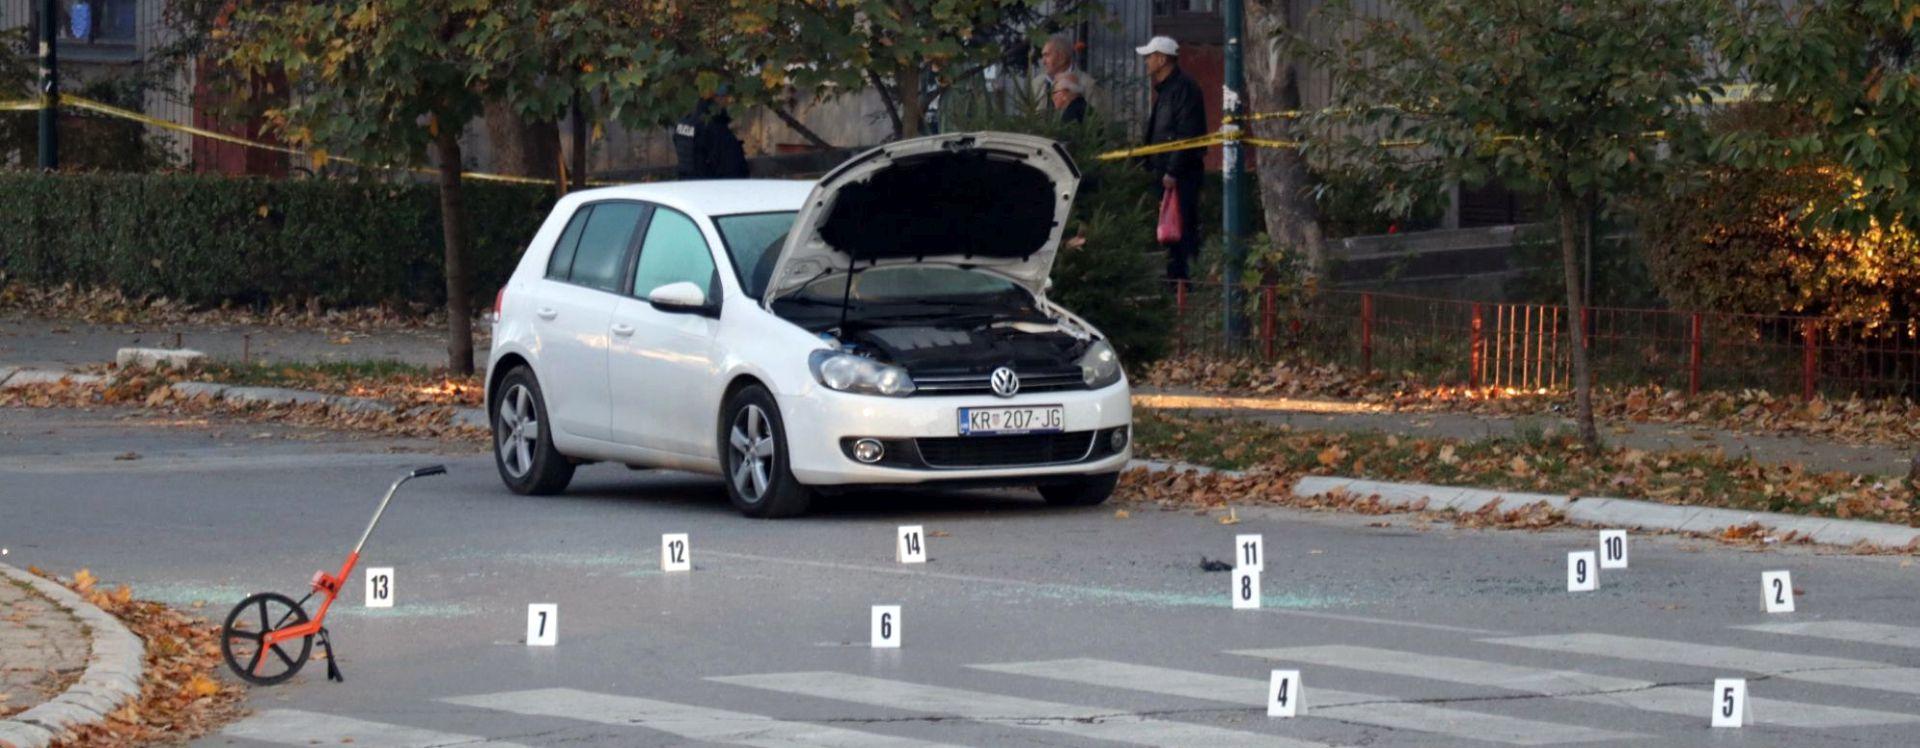 SARAJEVO Potraga za ubojicama policajaca bez rezultata